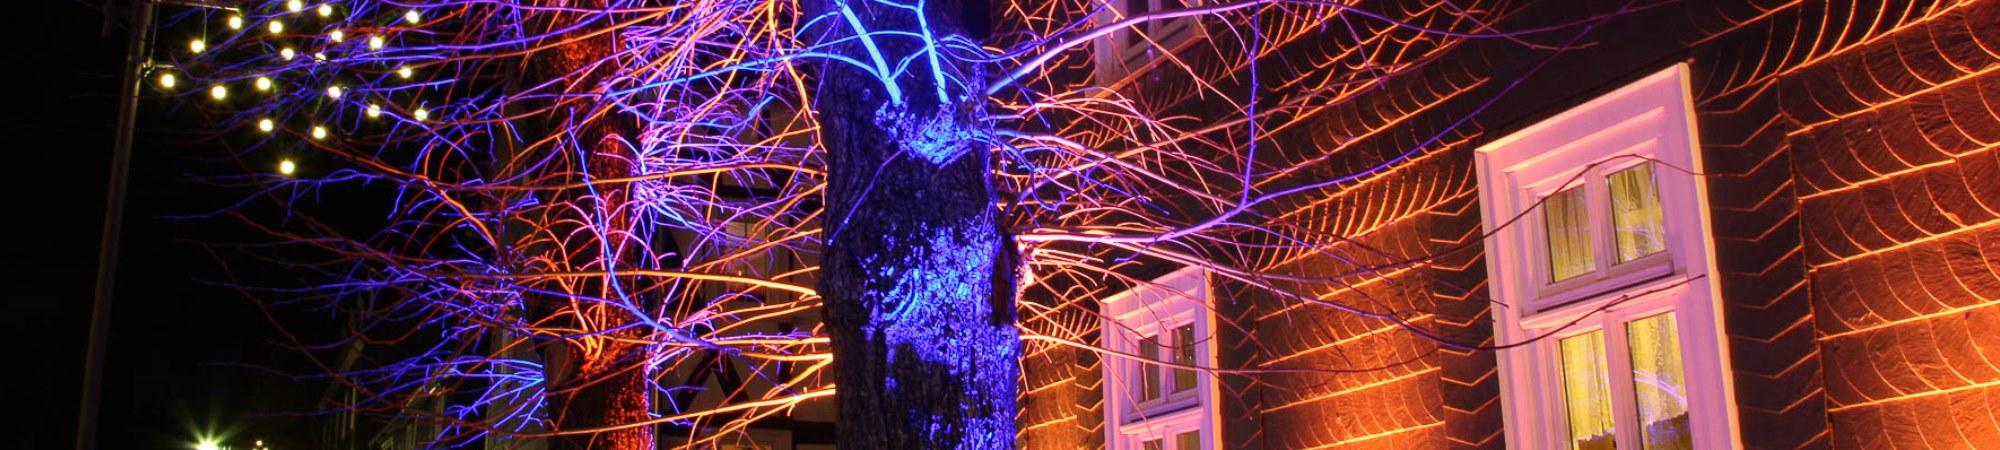 Lichterzauber in Burbach